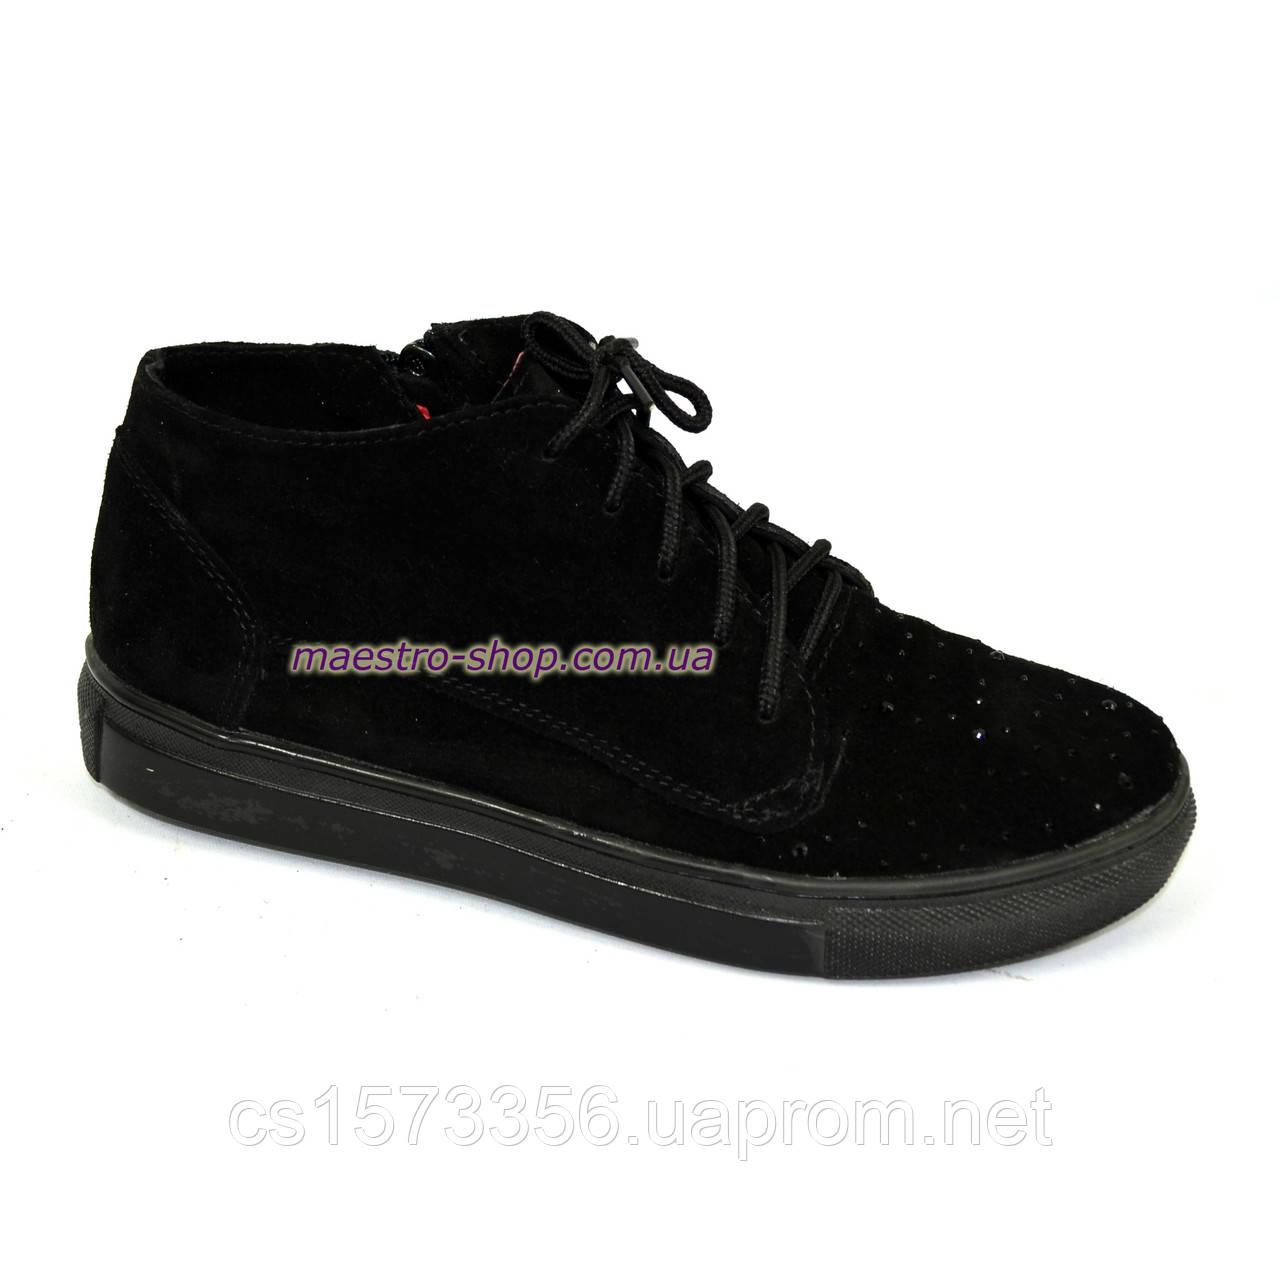 Стильные женские ботинки из натуральной замши черного цвета, декорированы камнями.